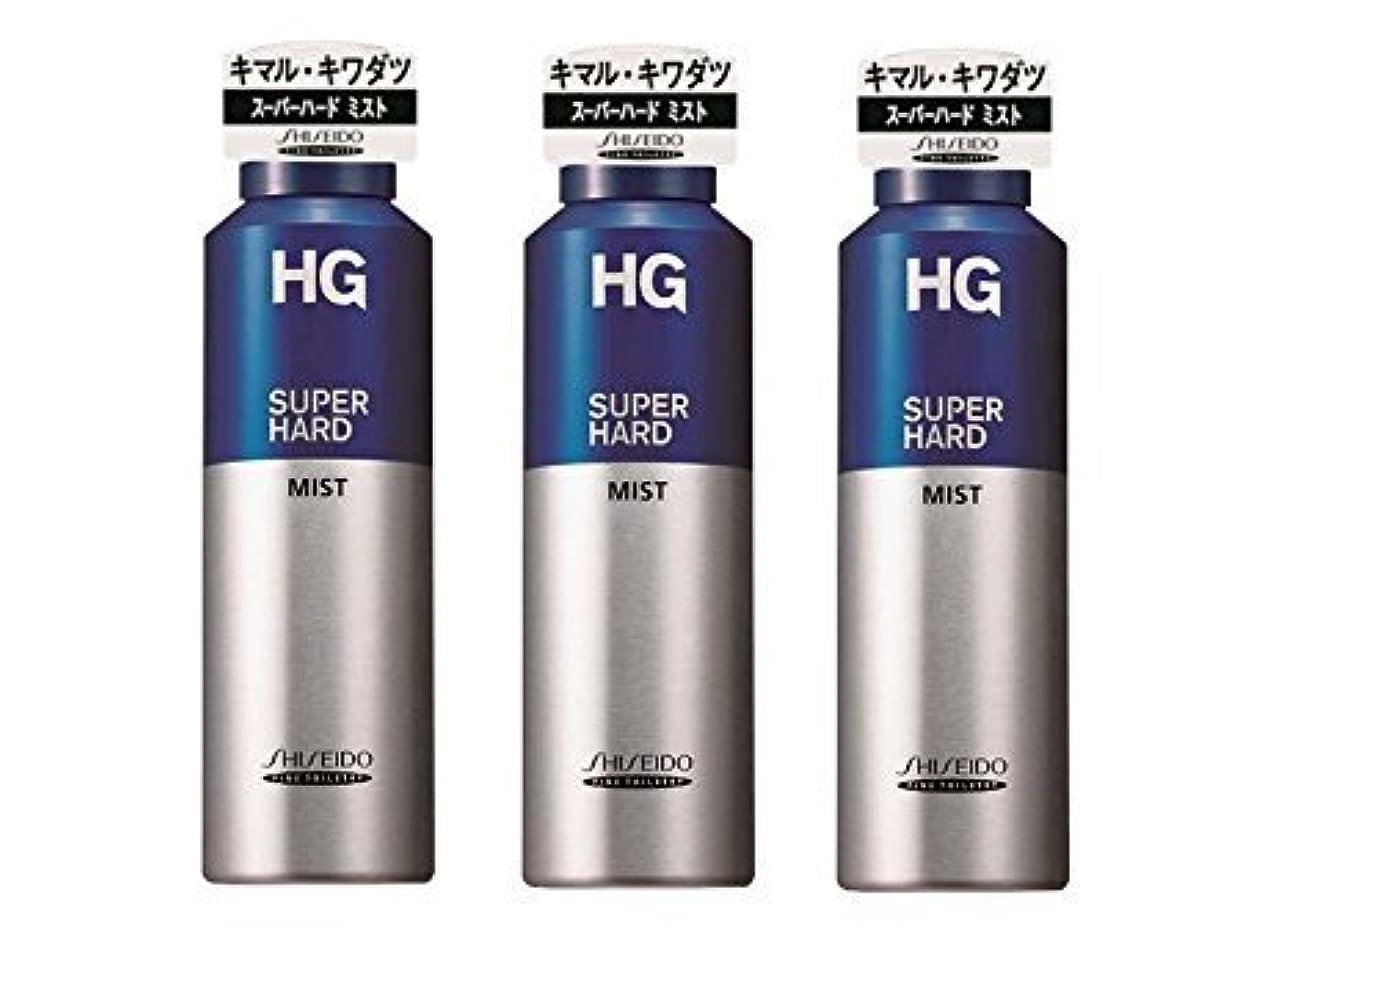 モルヒネ月曜苦情文句【まとめ買い】HG スーパーハード ミスト 150g×3個